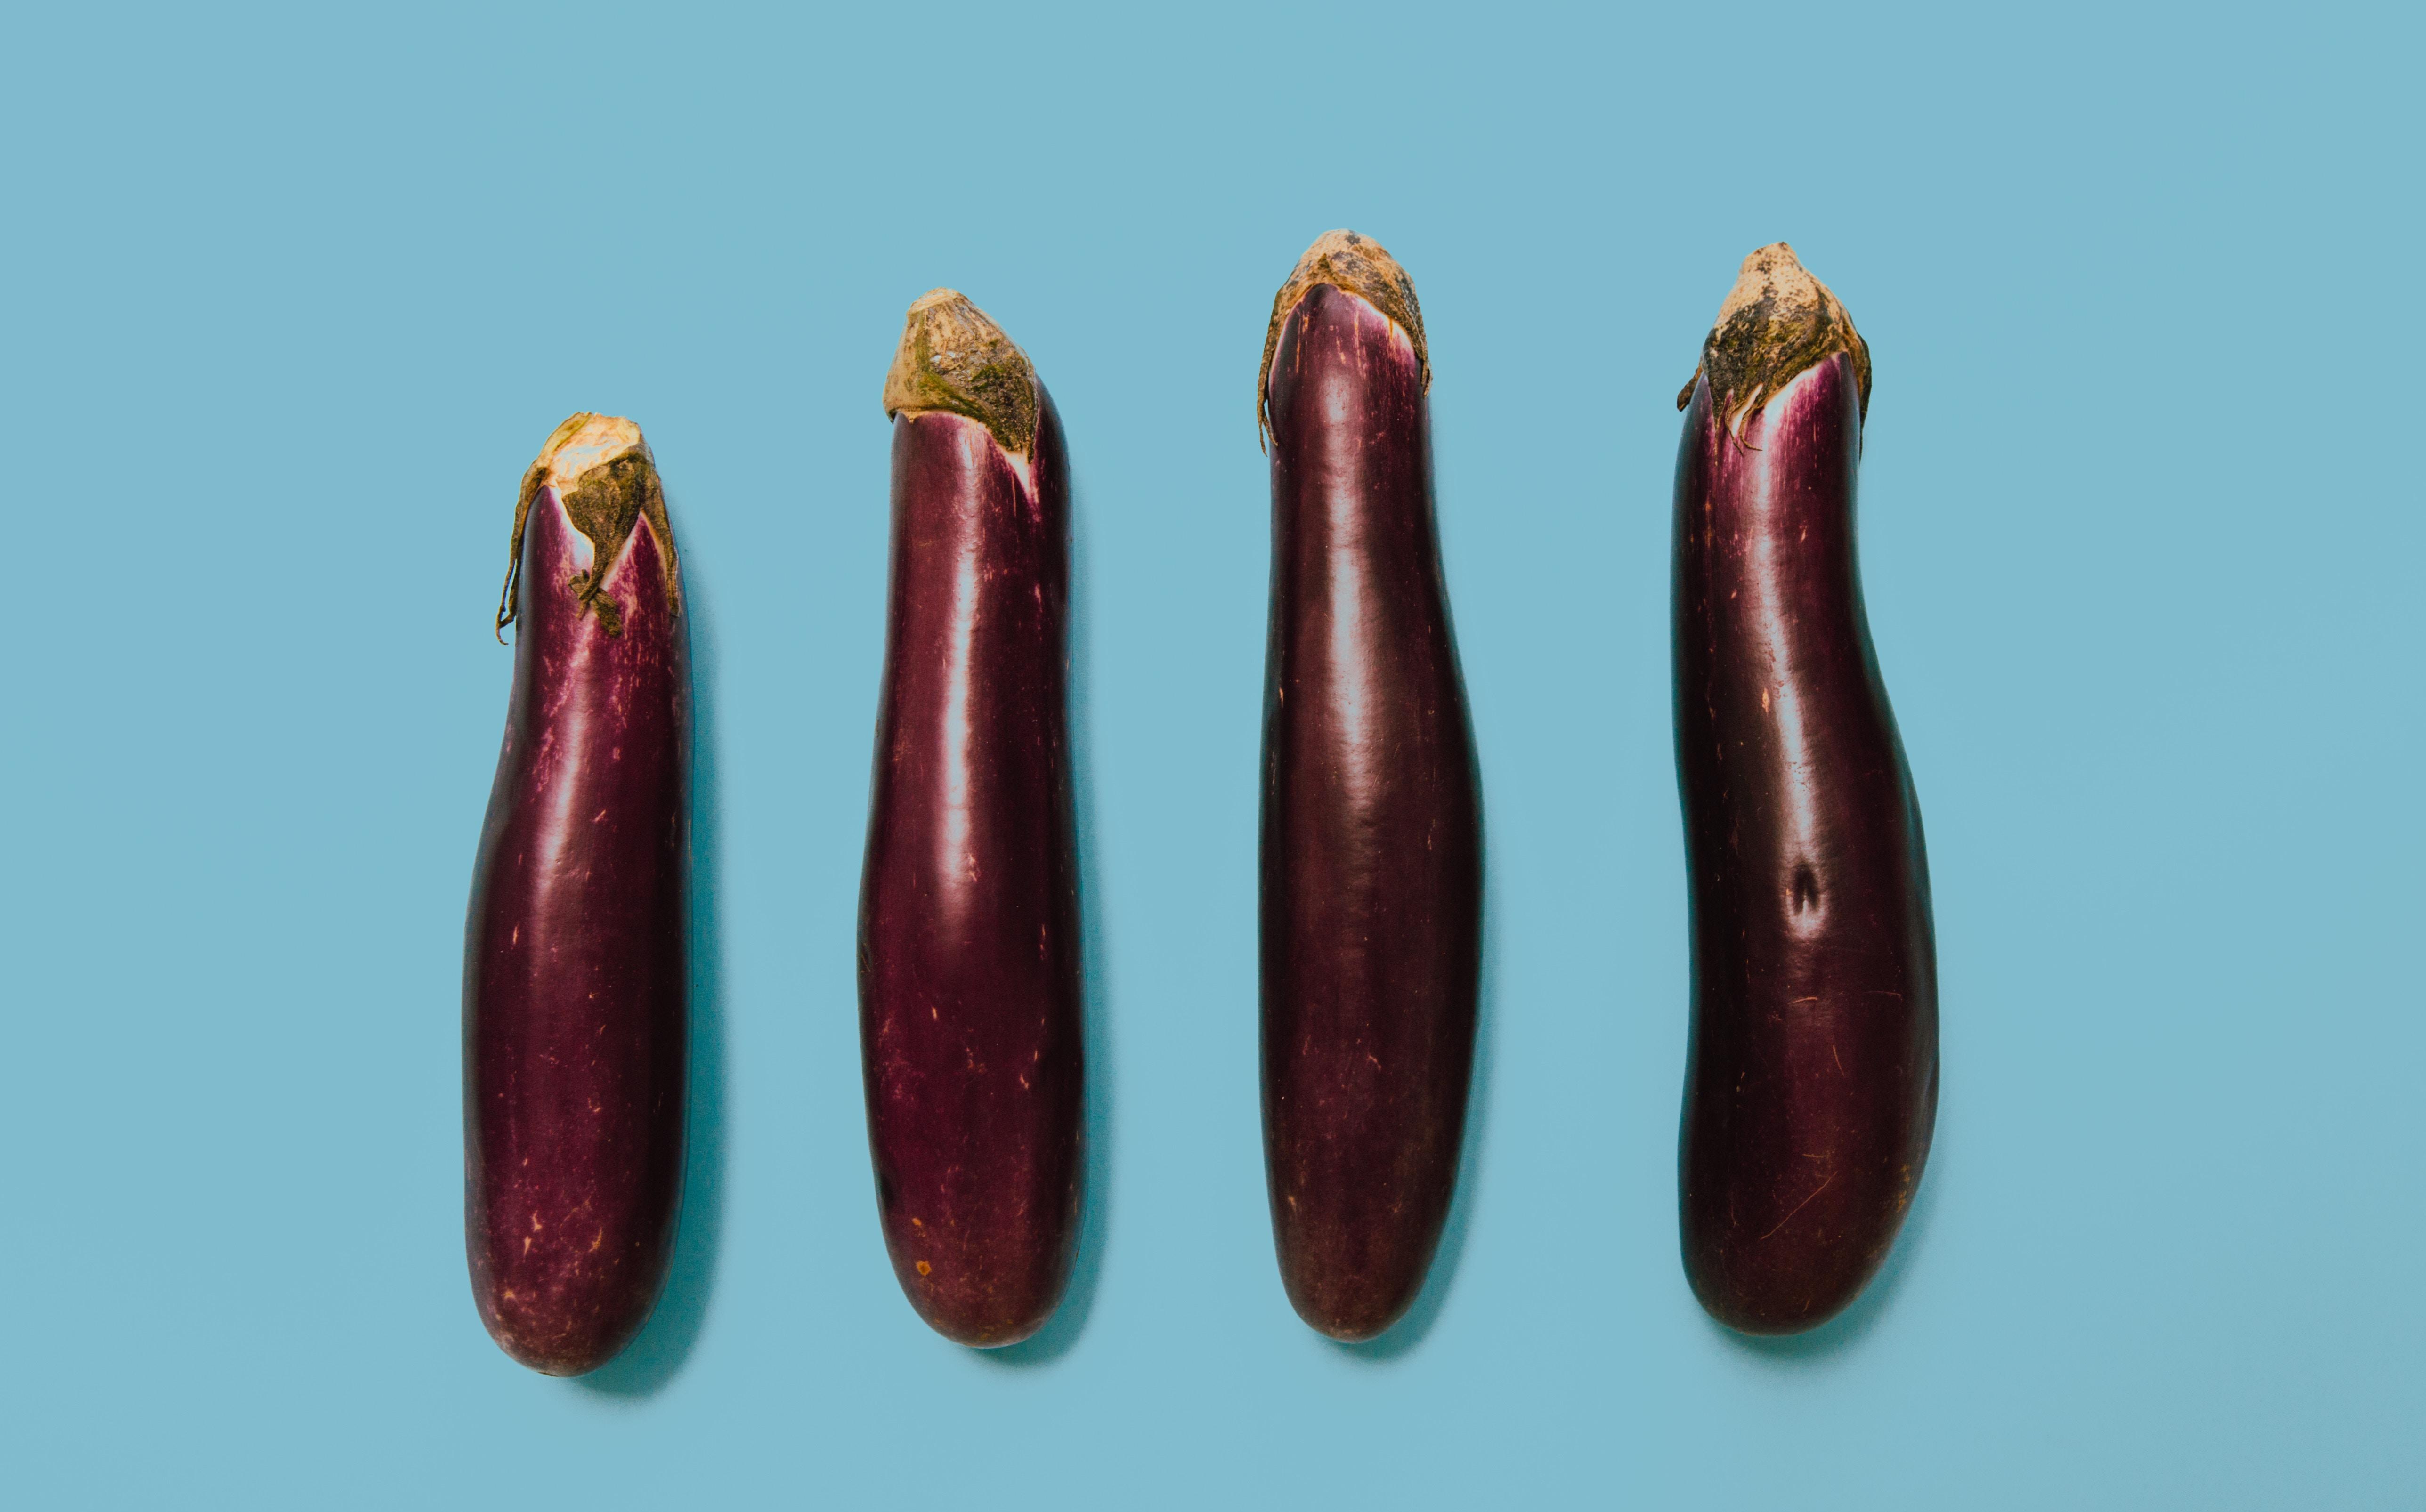 înainte de actul sexual, o erecție dispare ce să facă perversul penisului